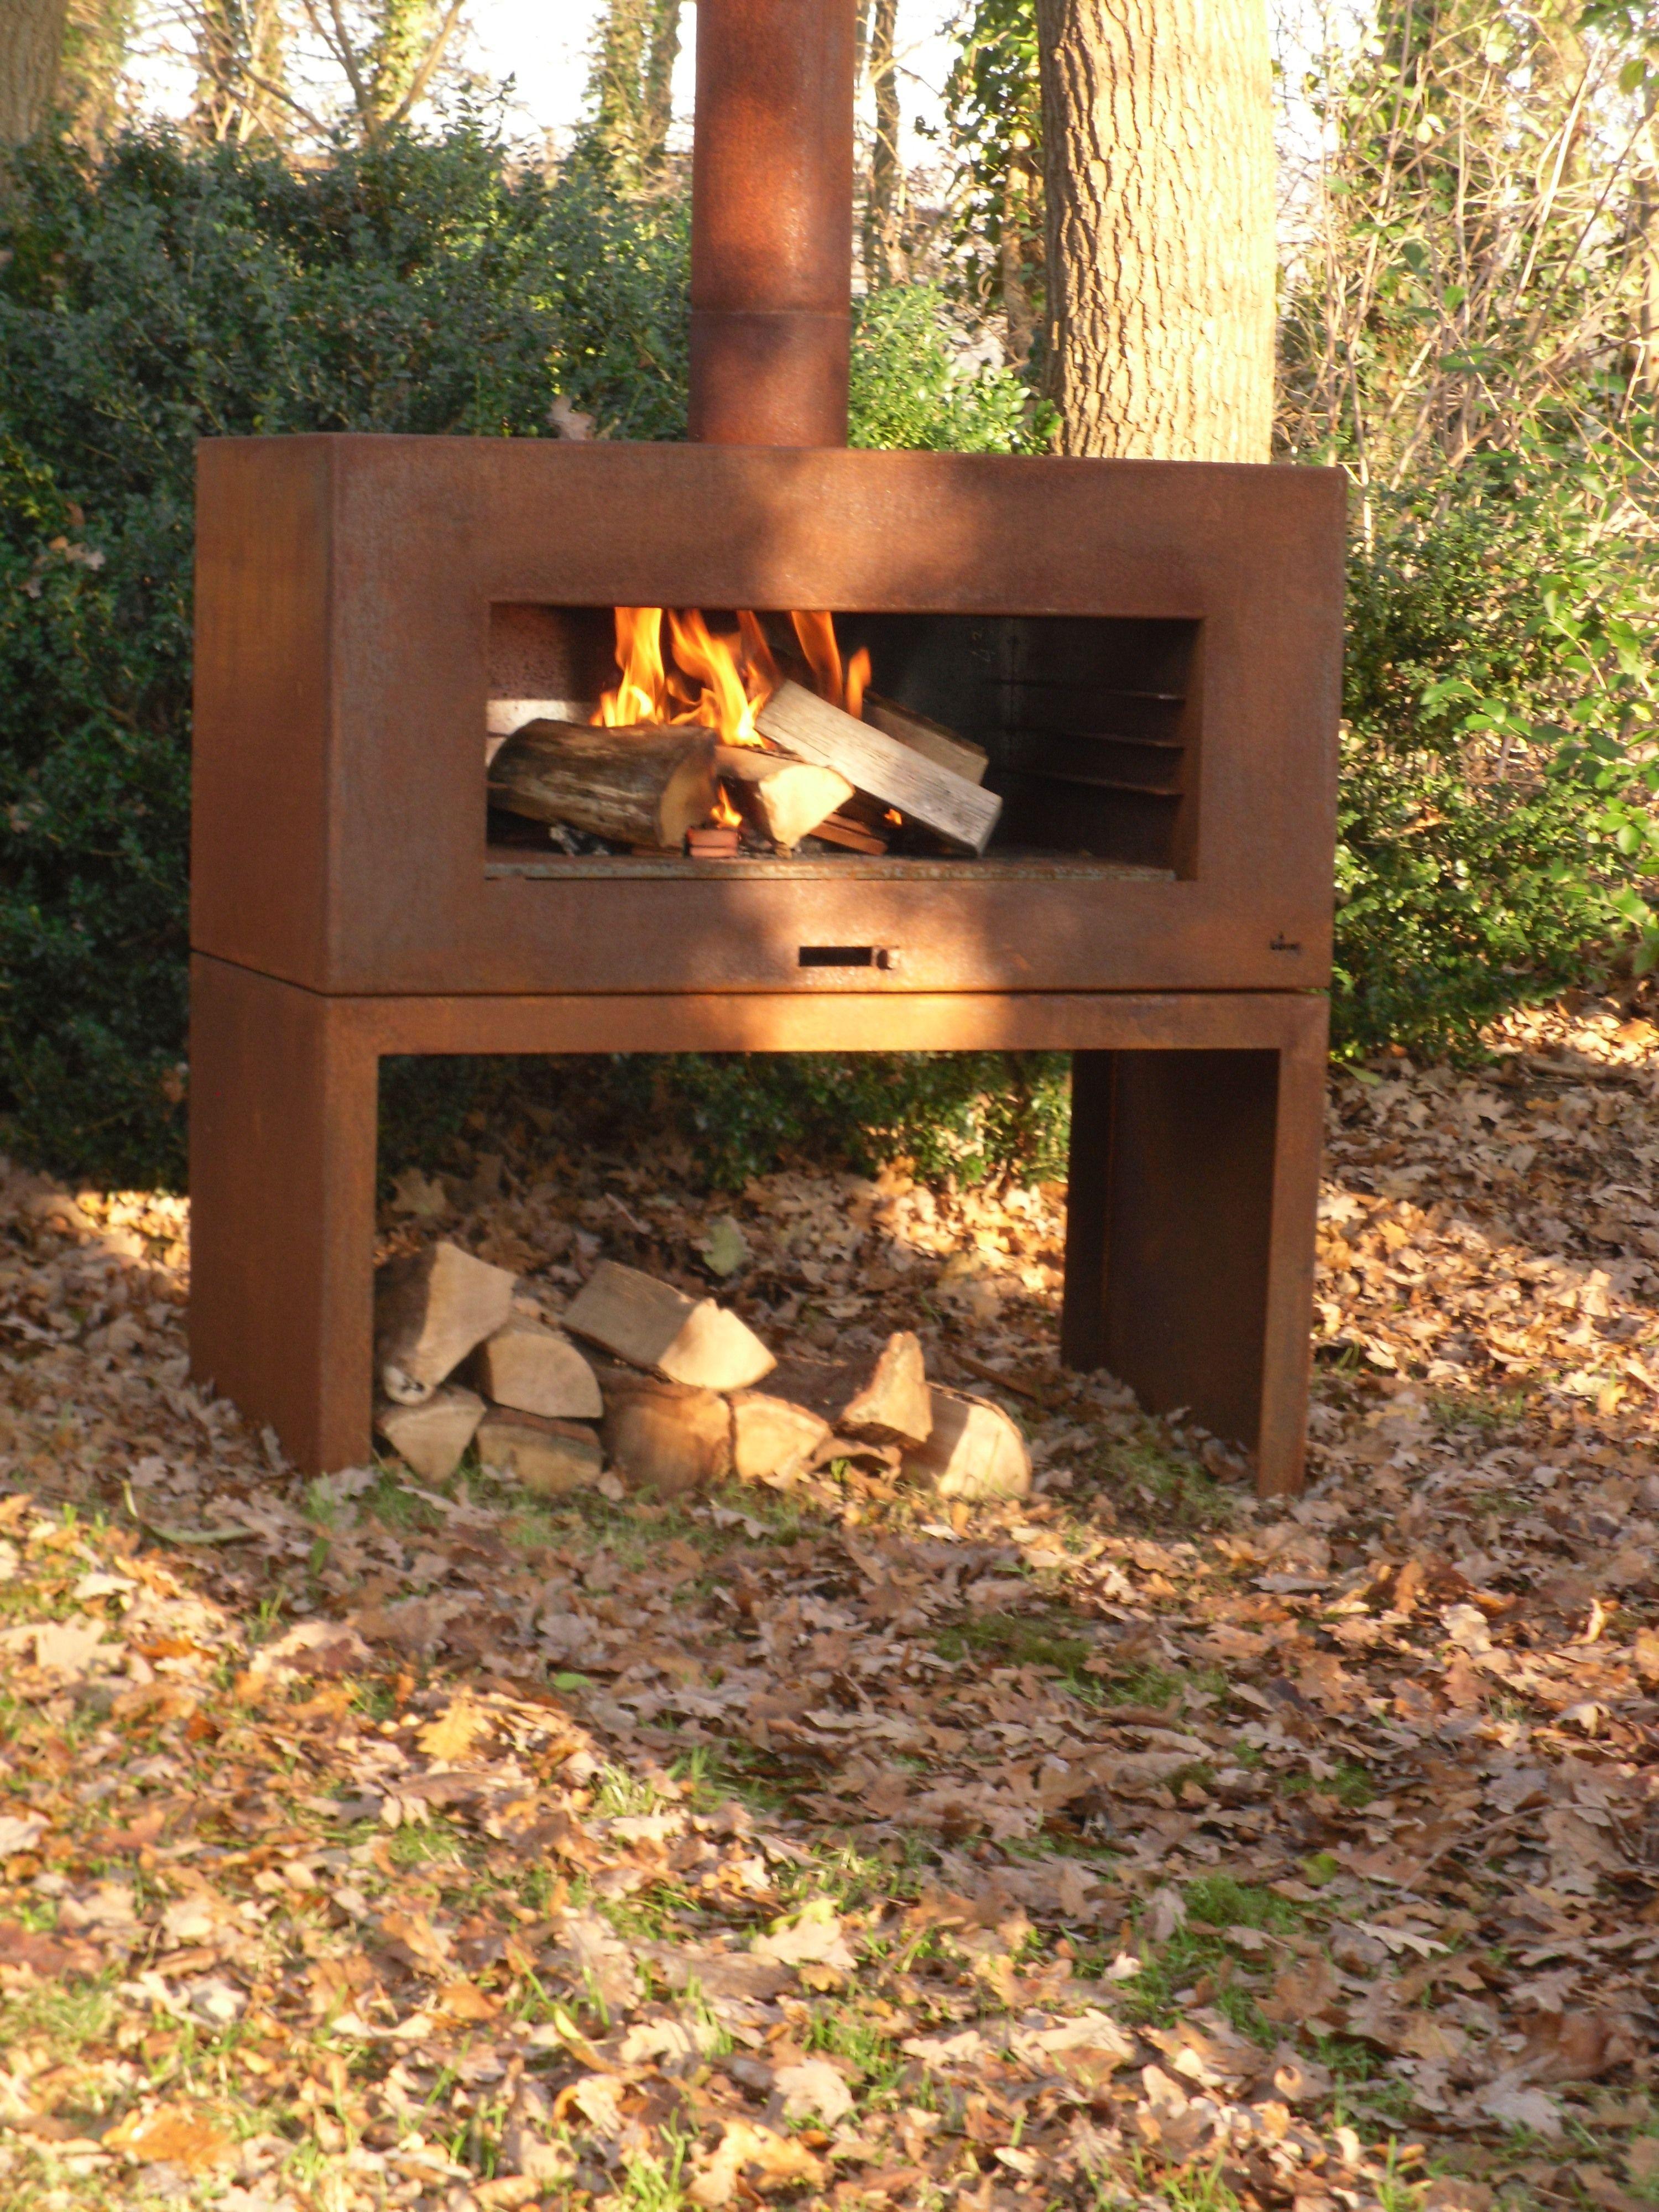 Forno Outdoor Fire Tuinhaard Buitenhaard Tuinkachel